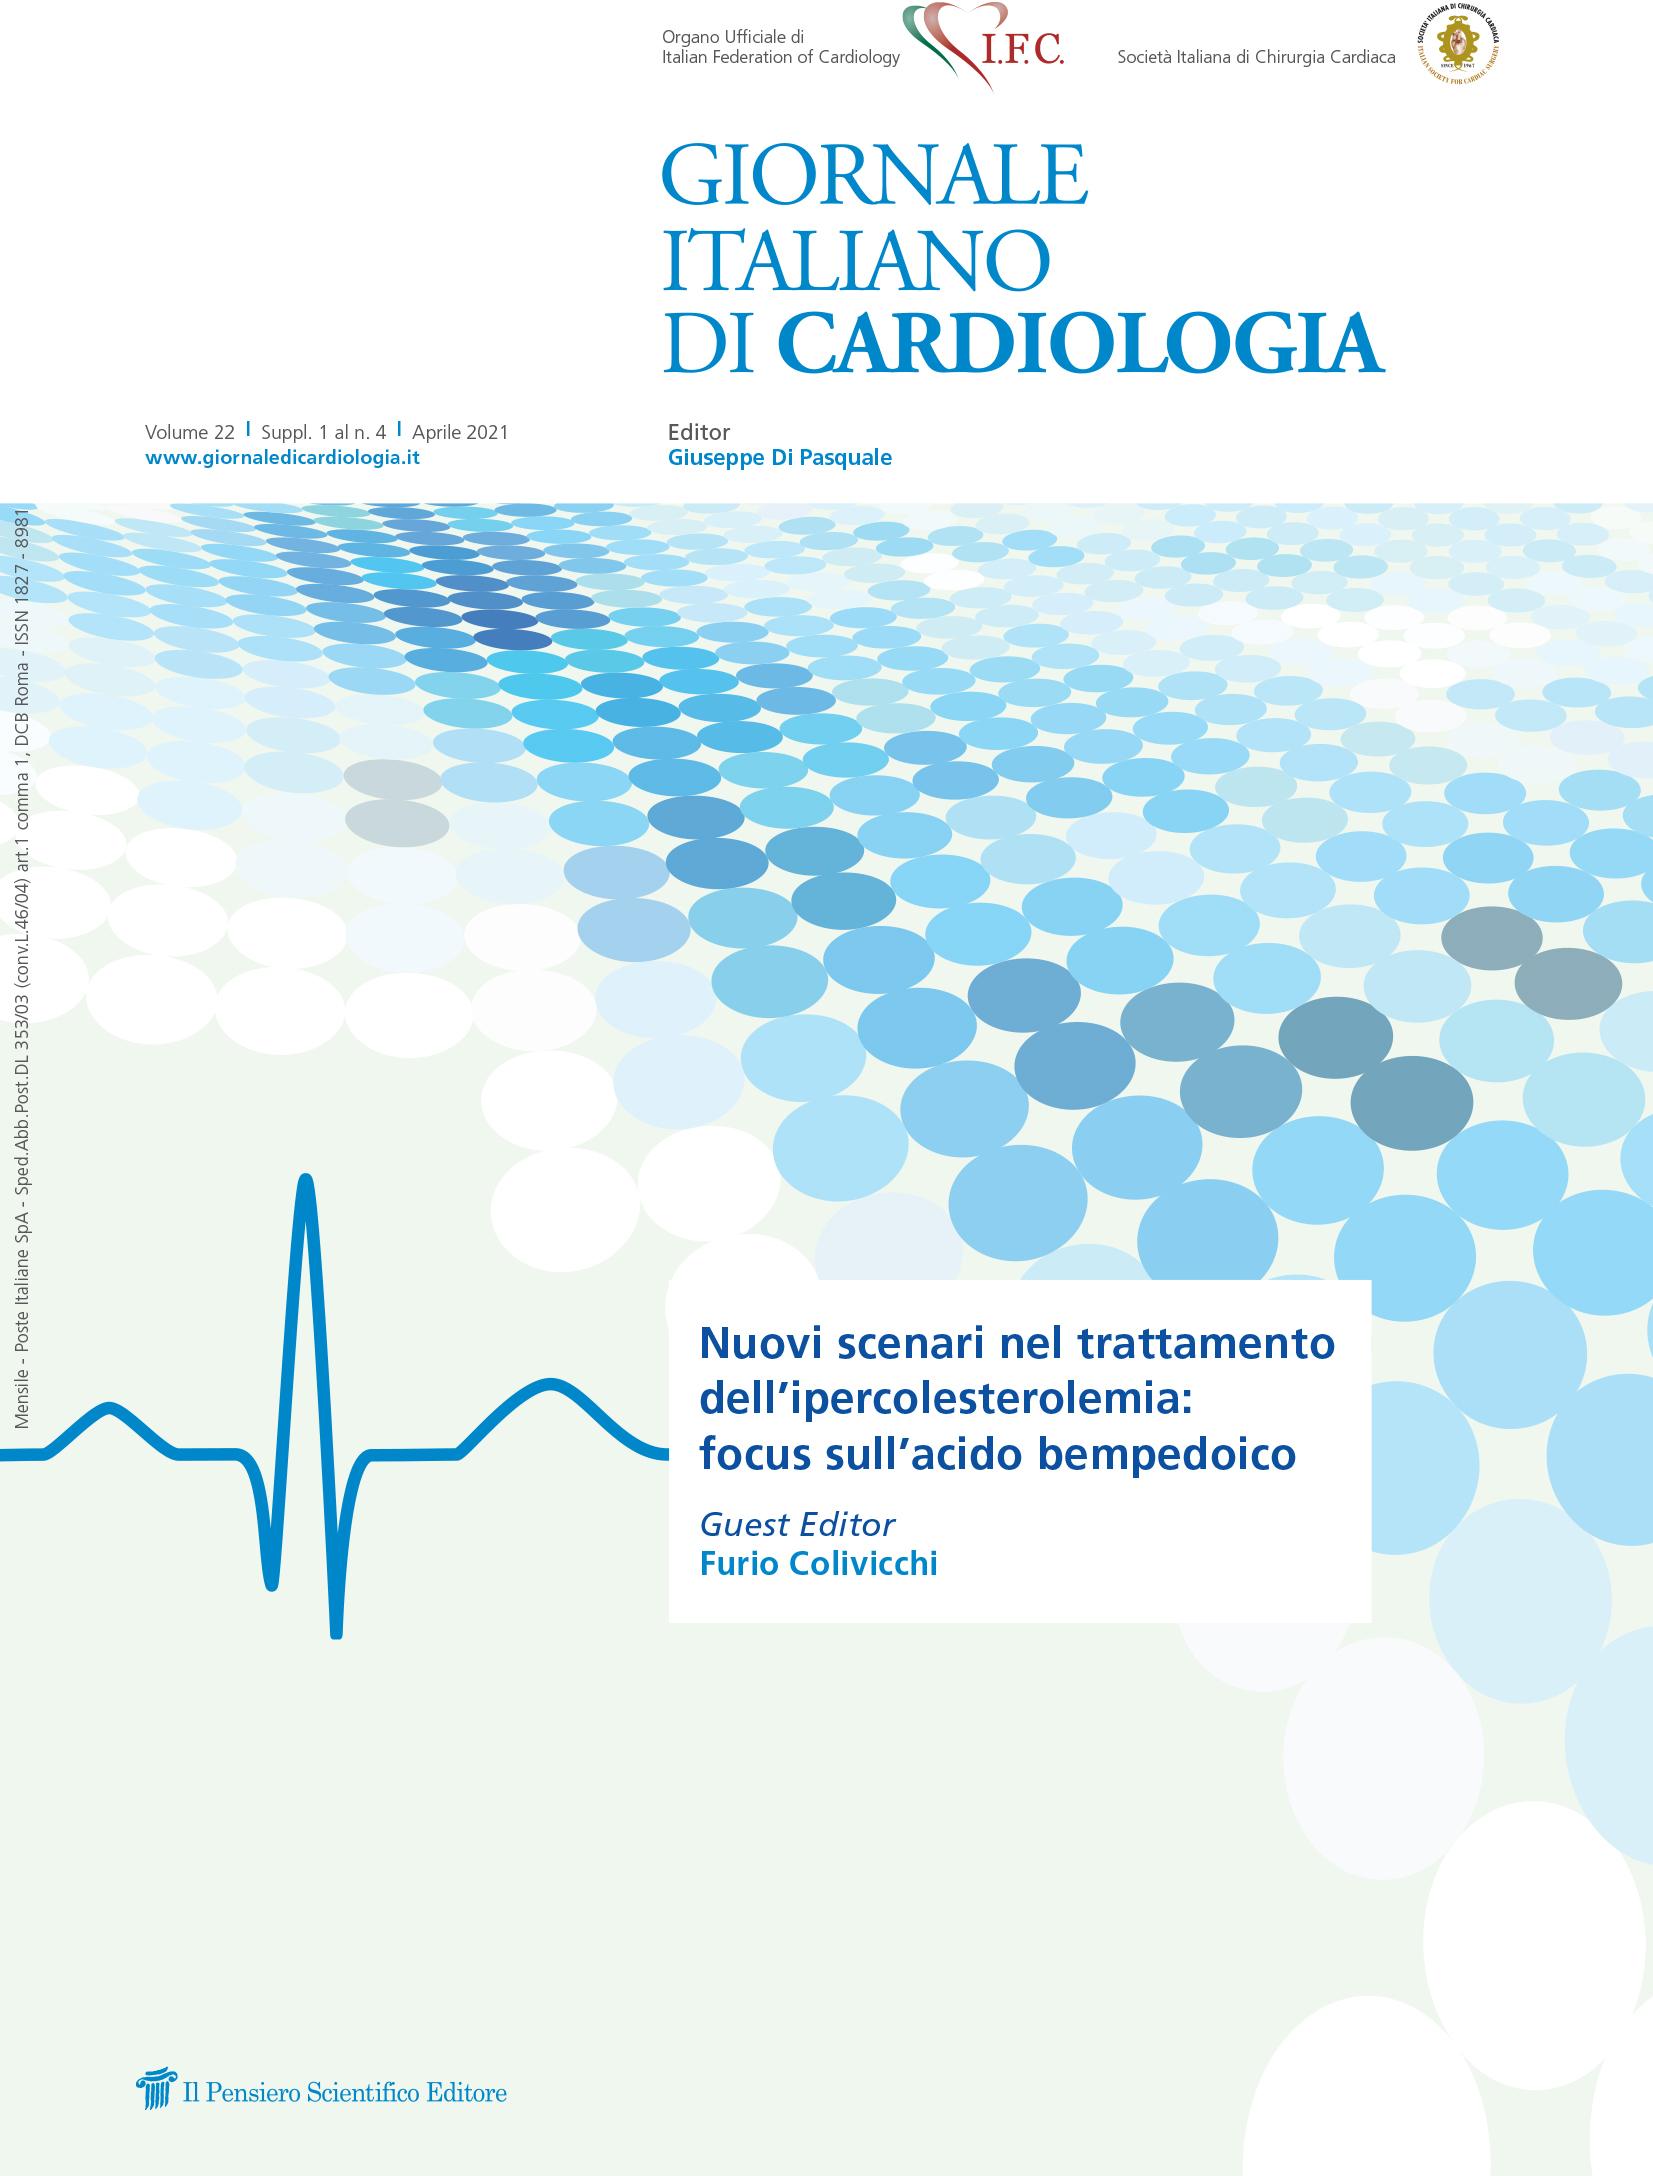 2021 Vol. 22 Suppl. 1 al N. 4 AprileNuovi scenari nel trattamento dell'ipercolesterolemia: focus sull'acido bempedoico